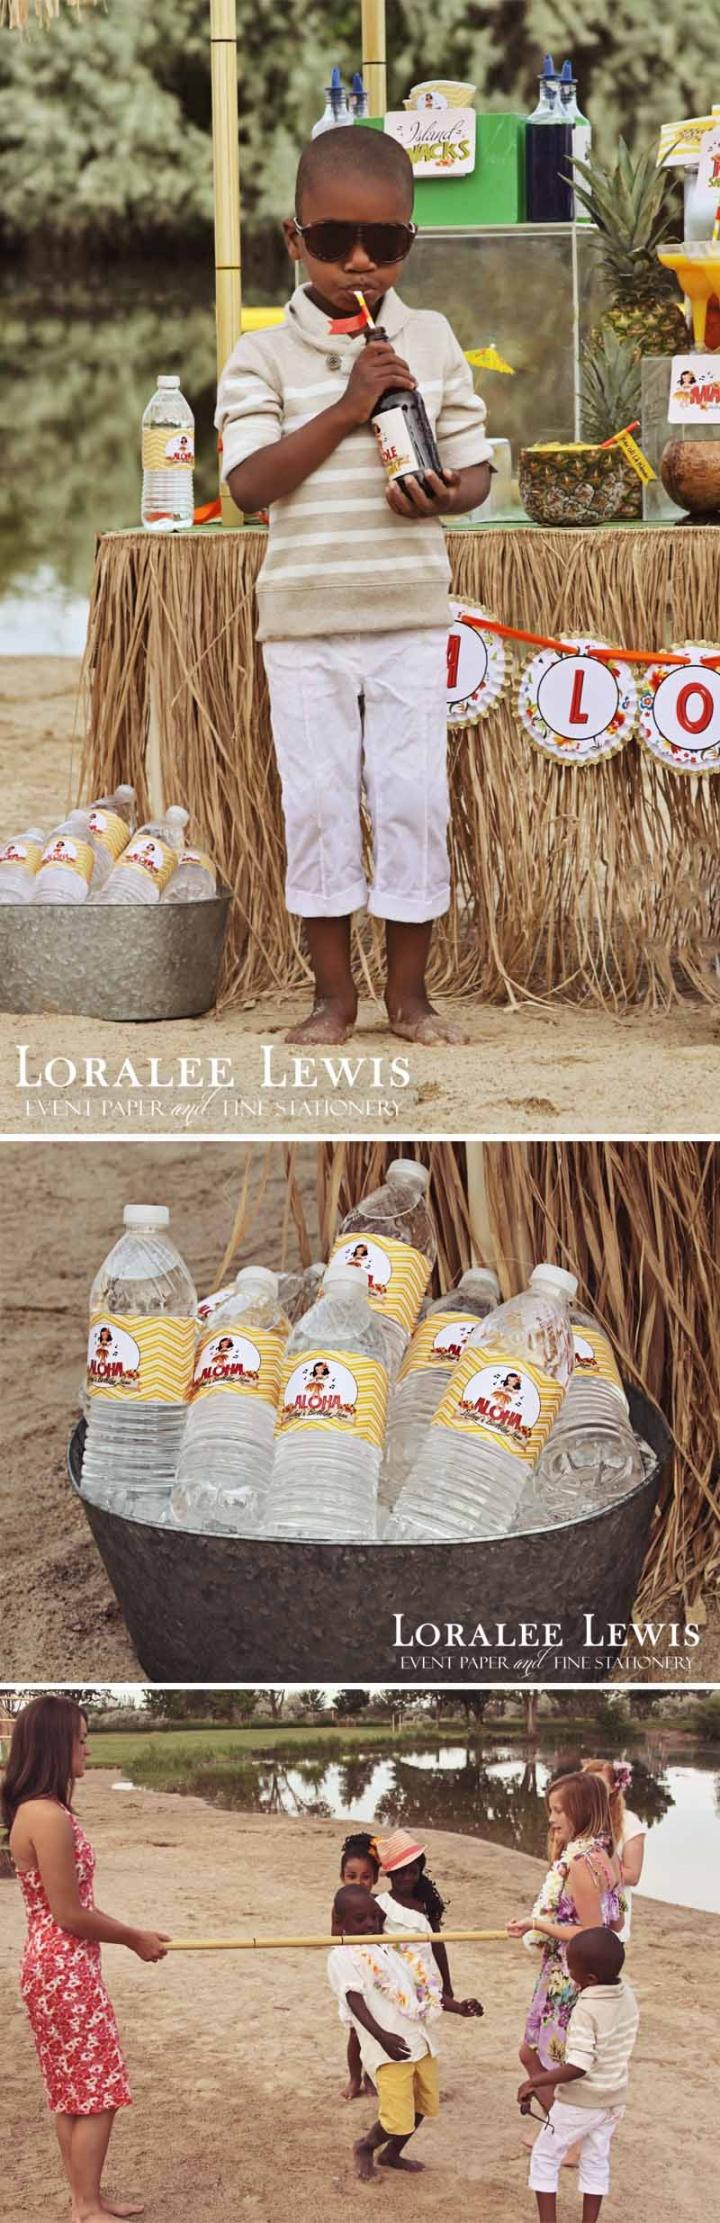 LoraleeLewisAlohaLuauParty5